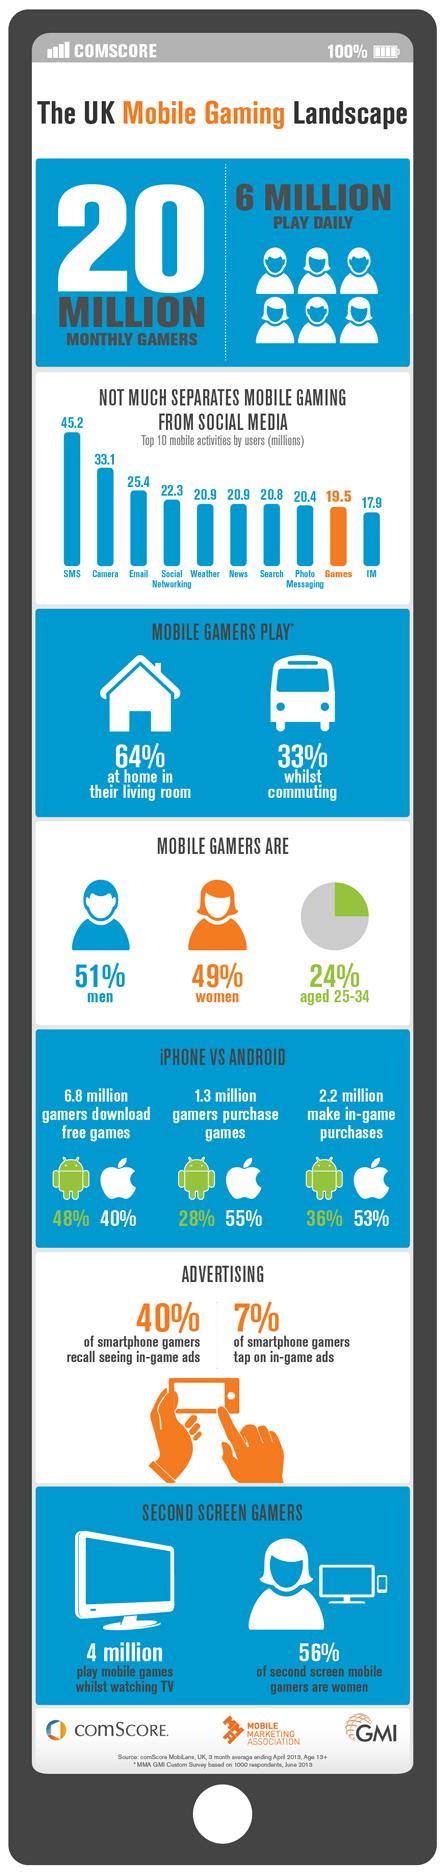 The UK Mobile Gaming Landscape